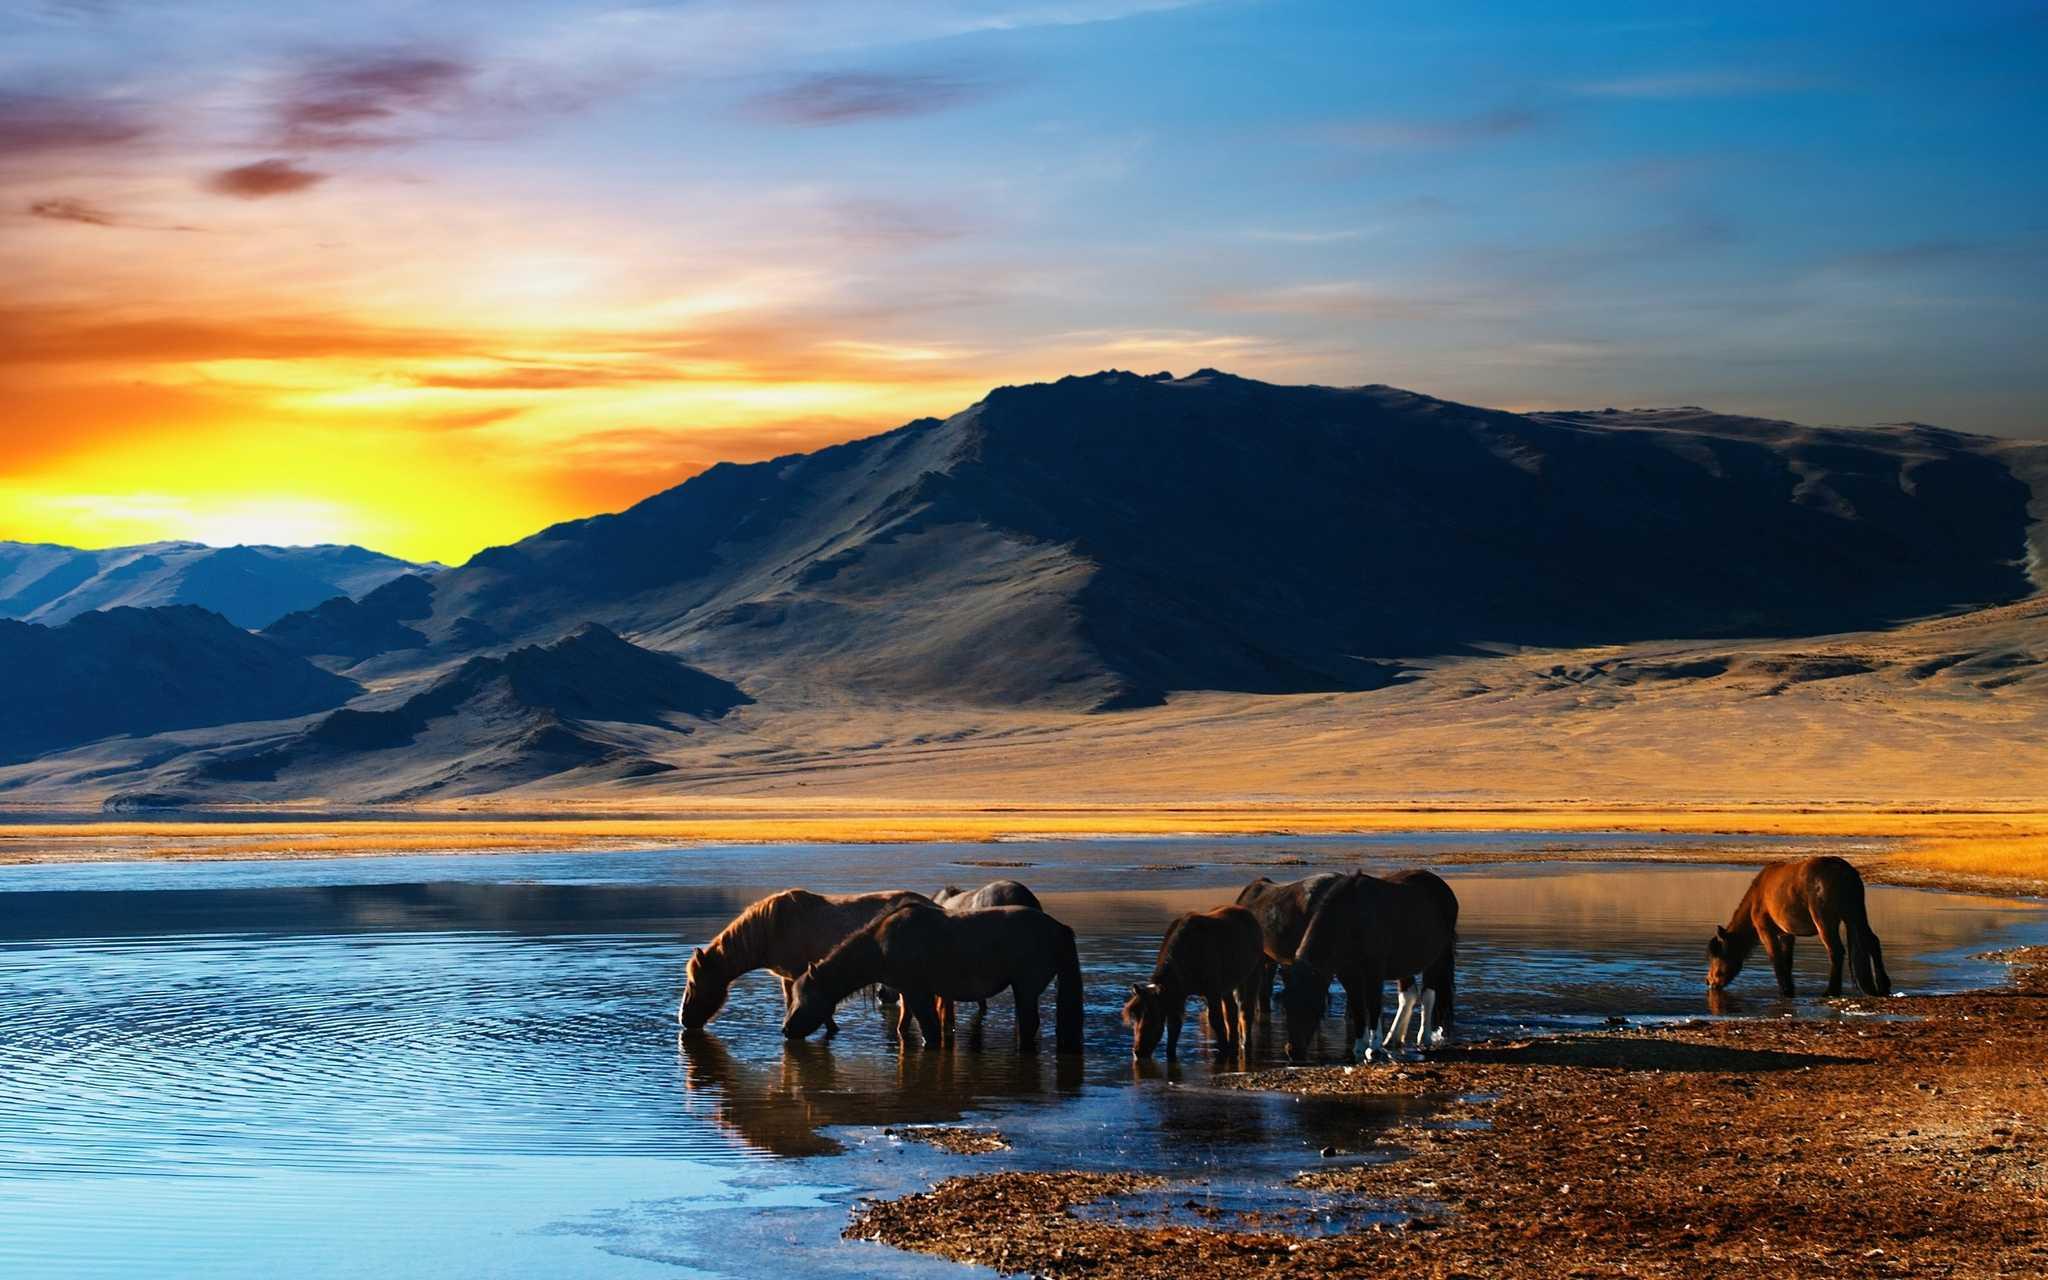 Μογγολία – Mongolia